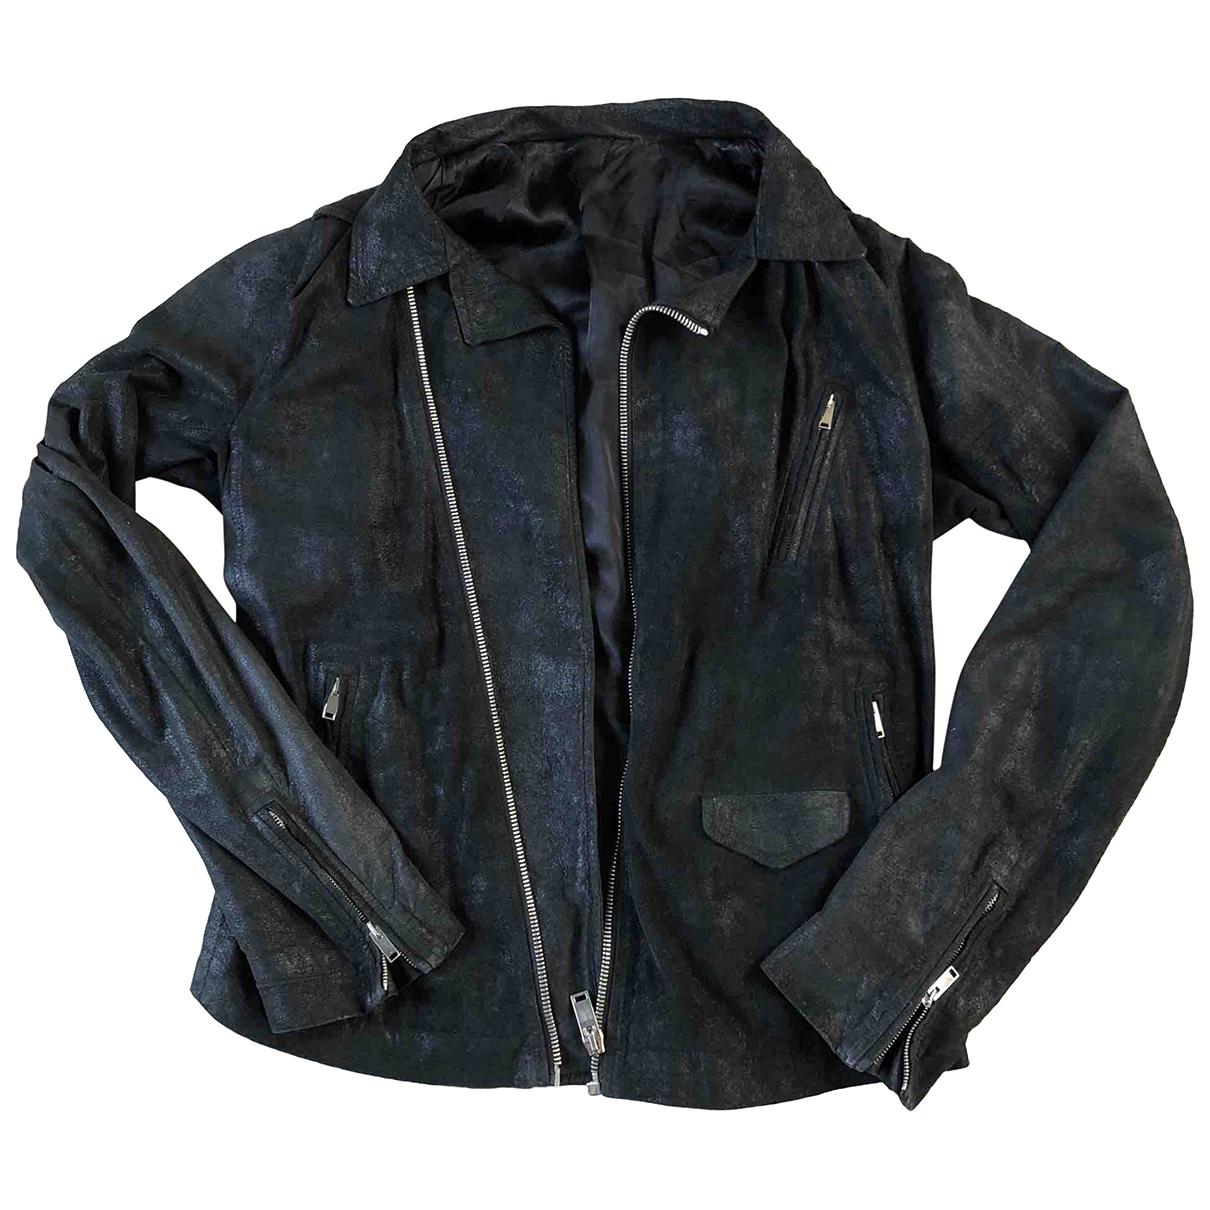 Rick Owens - Vestes.Blousons   pour homme en cuir - noir